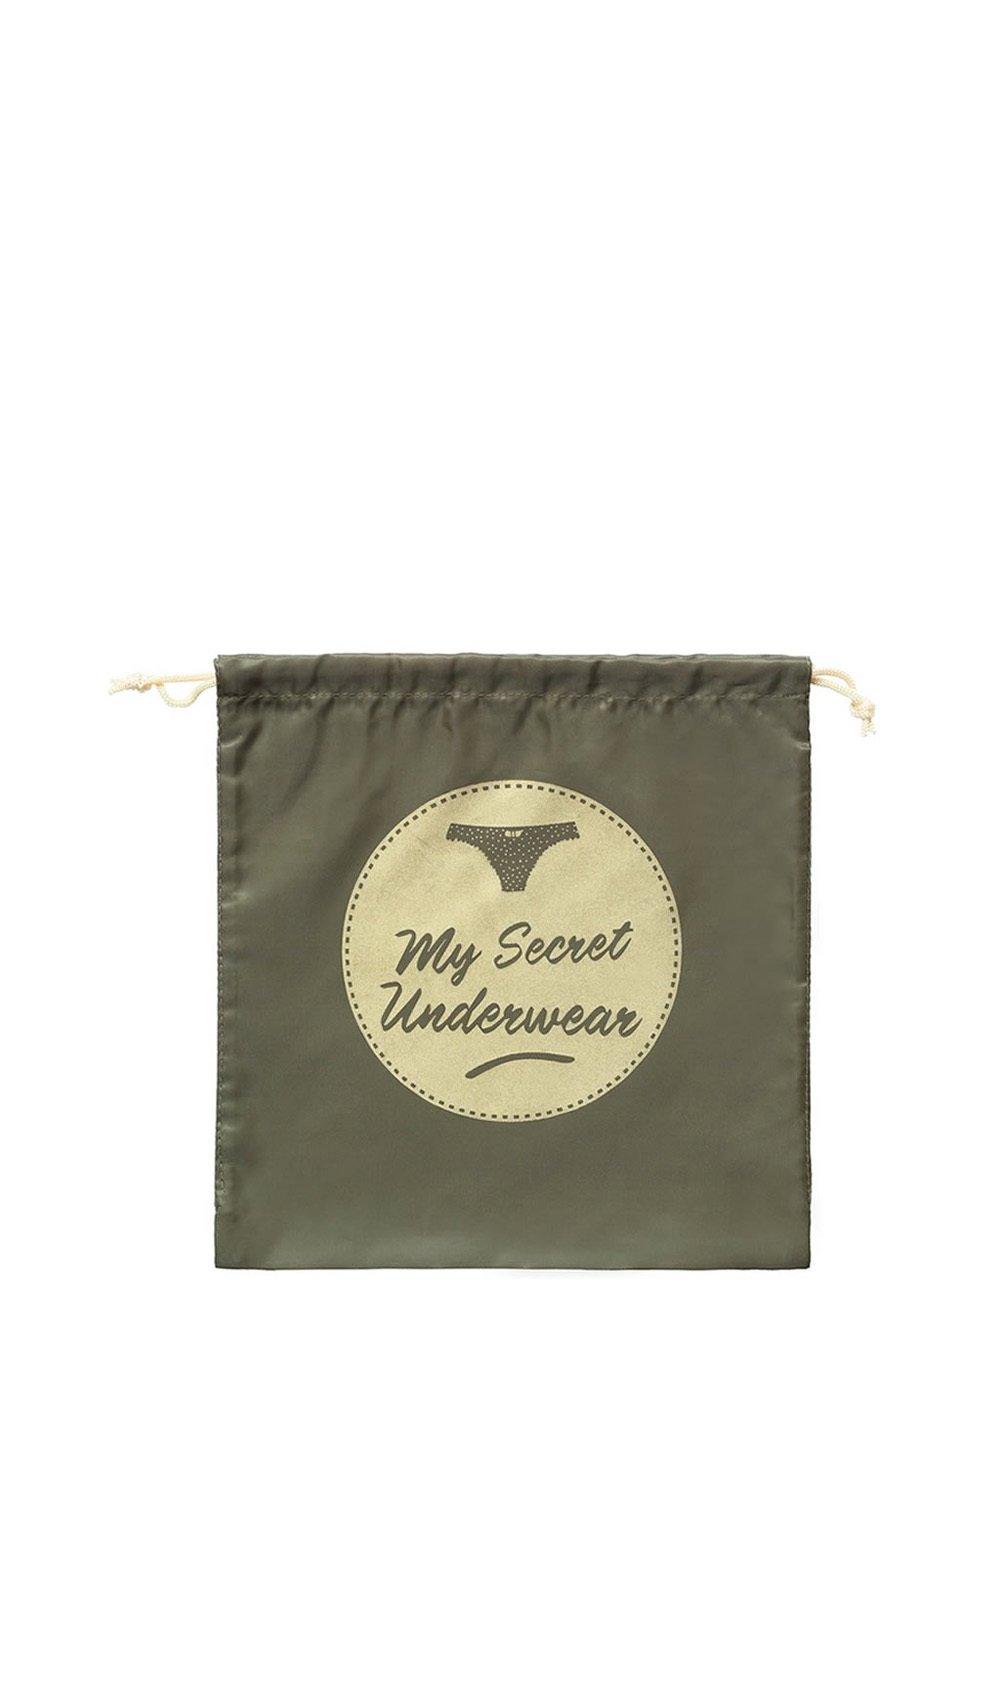 Cathy ds paris Clutch bag MY SECRET UNDERWEAR Khaki Women Spring/Summer Collection